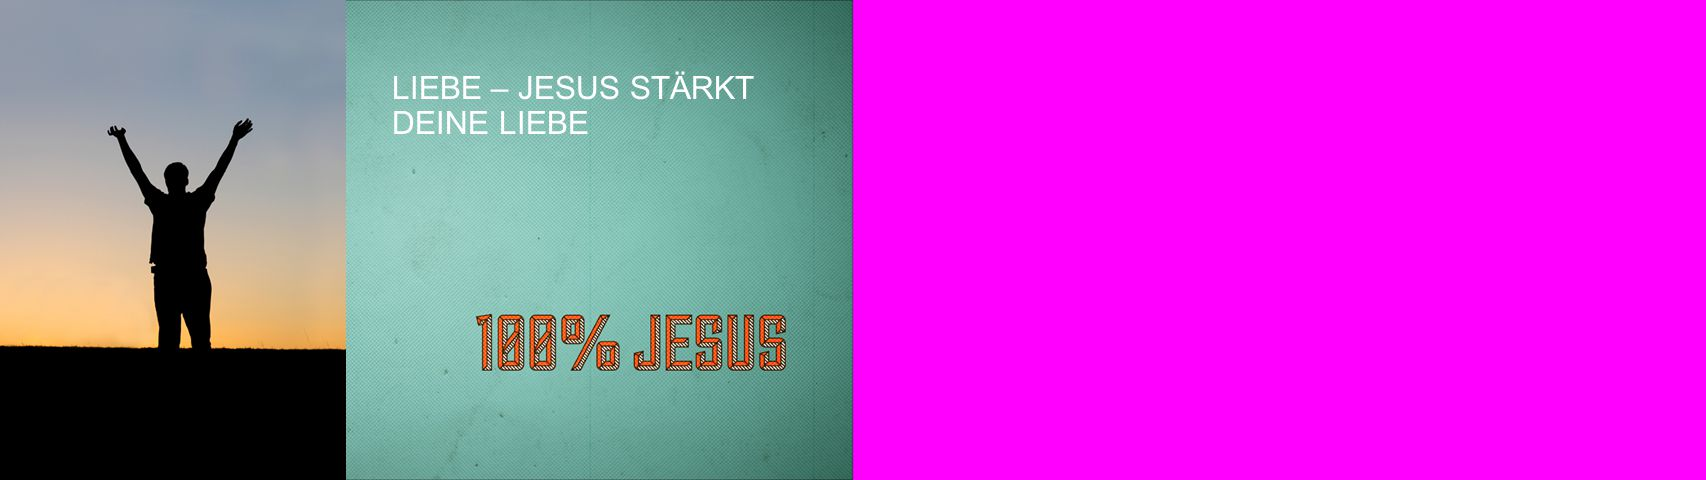 LIEBE – JESUS STÄRKT DEINE LIEBE